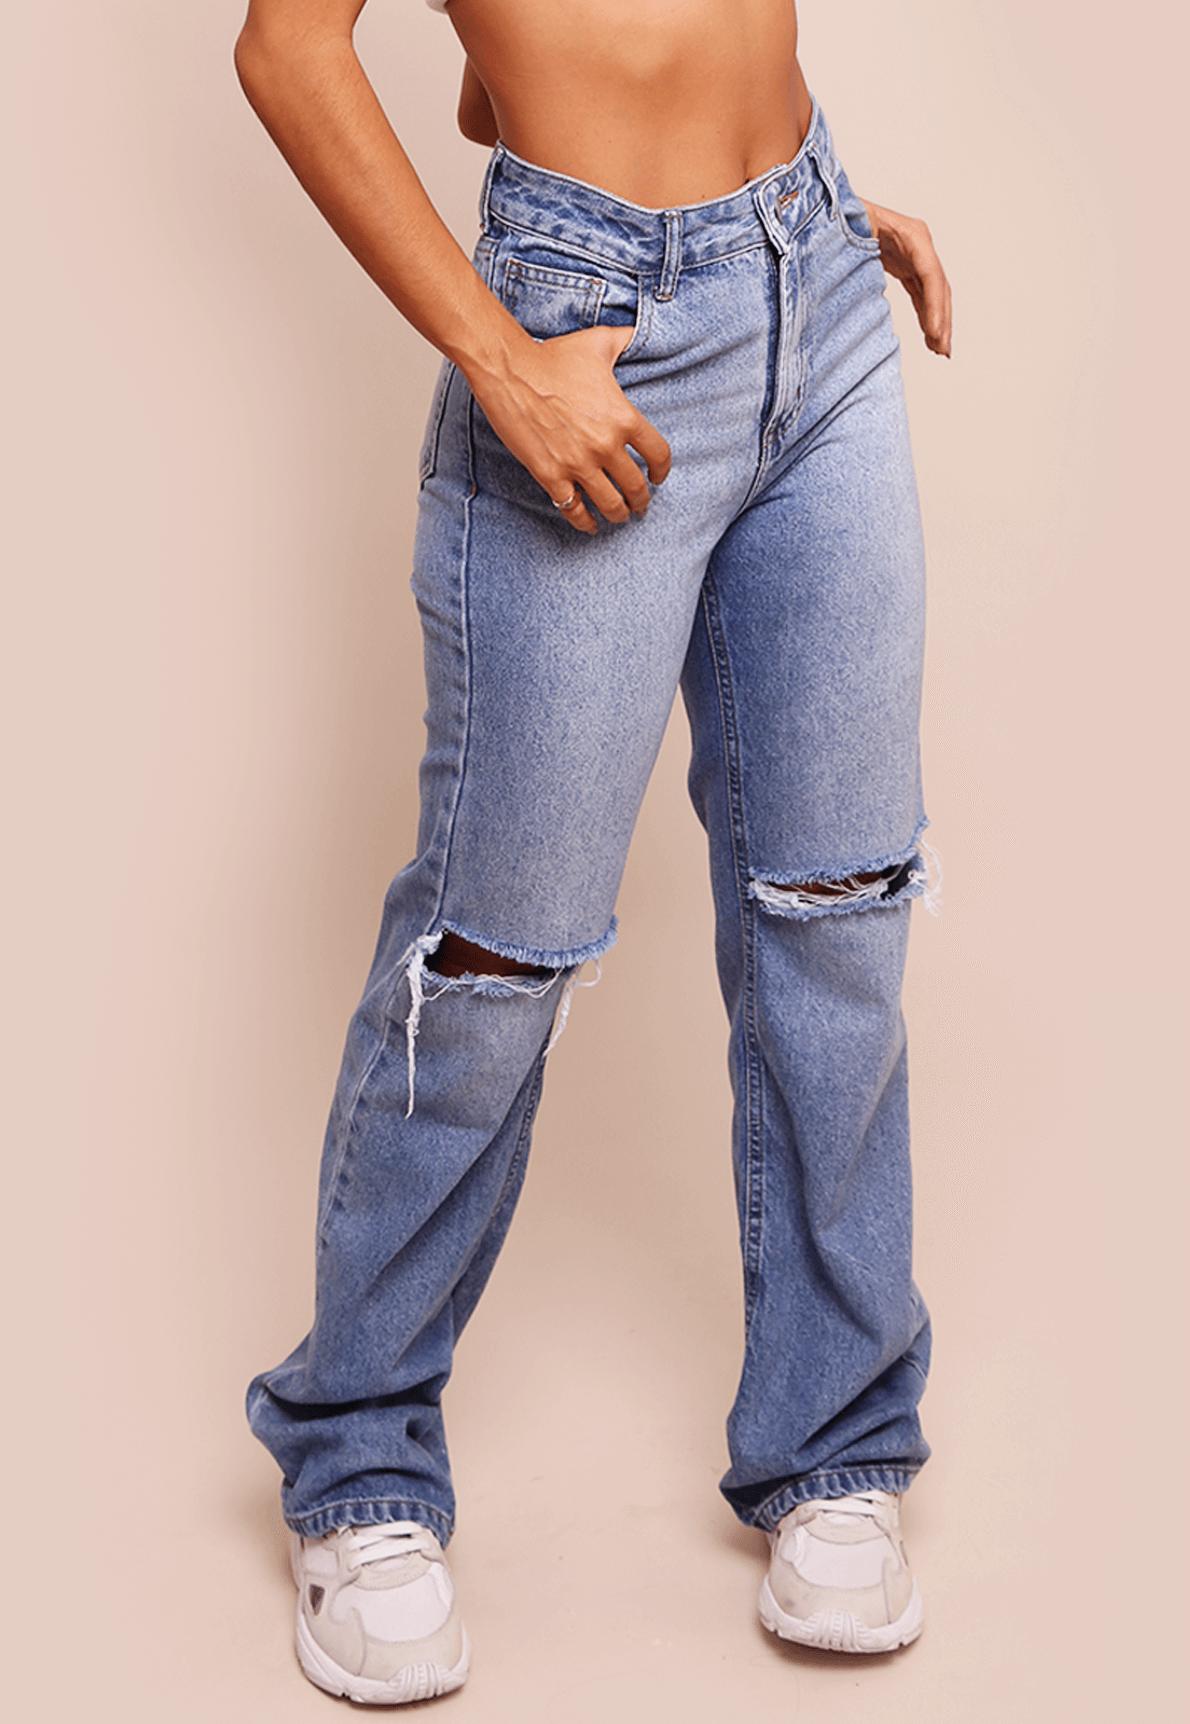 35593---calca-jeans-melim-mundo-lolita-02